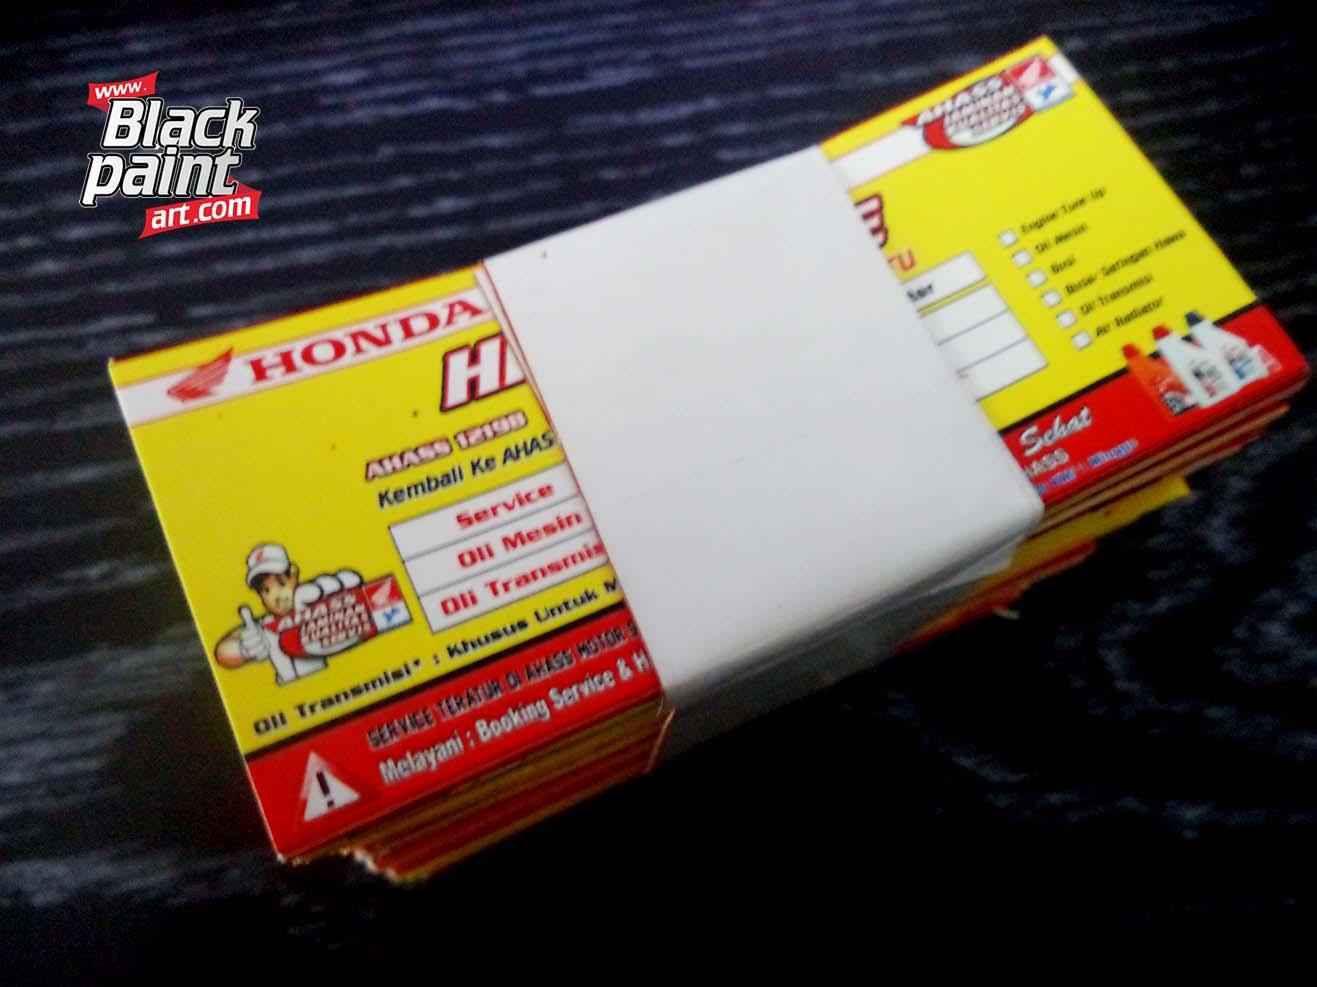 220 sticker pekanbaru.jpg